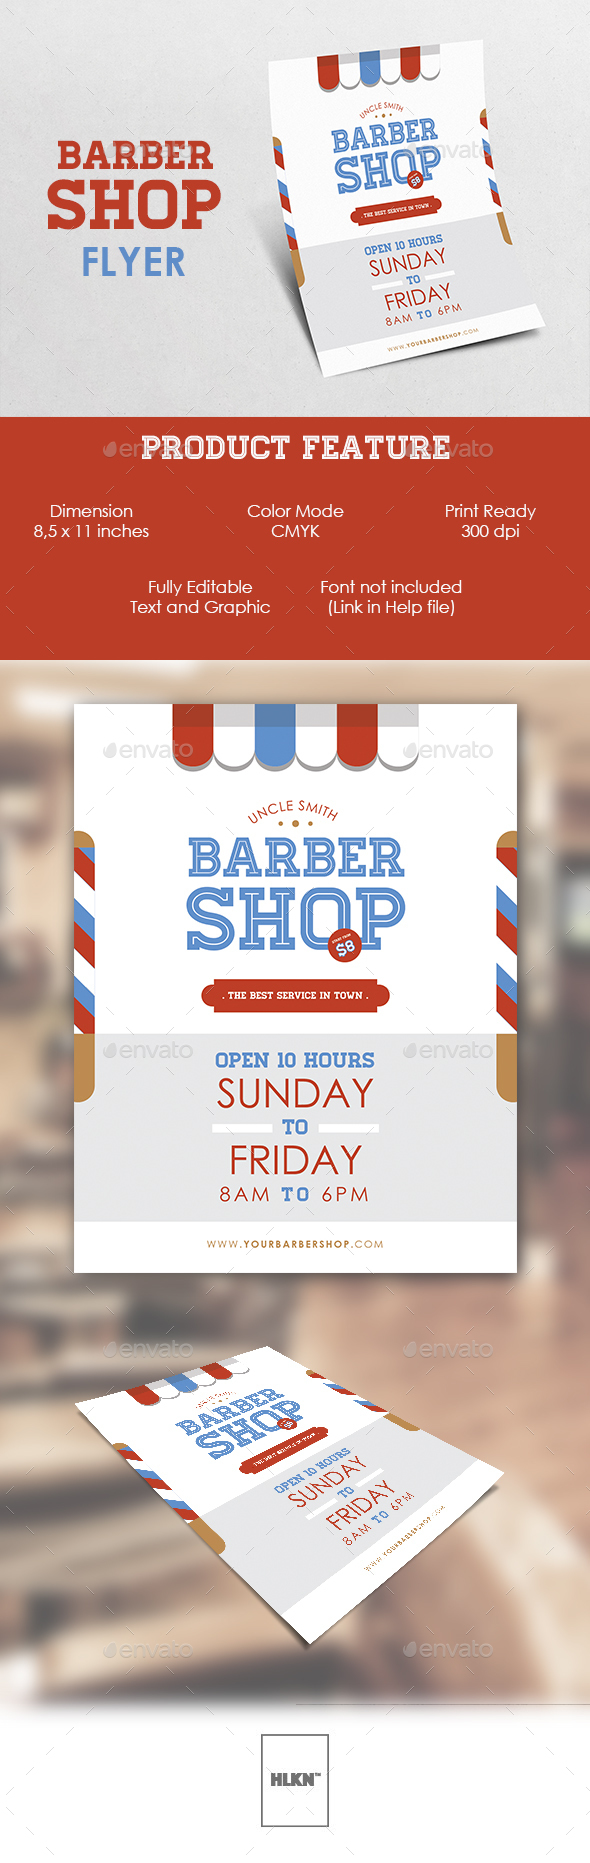 Barbershop Flyer - Commerce Flyers